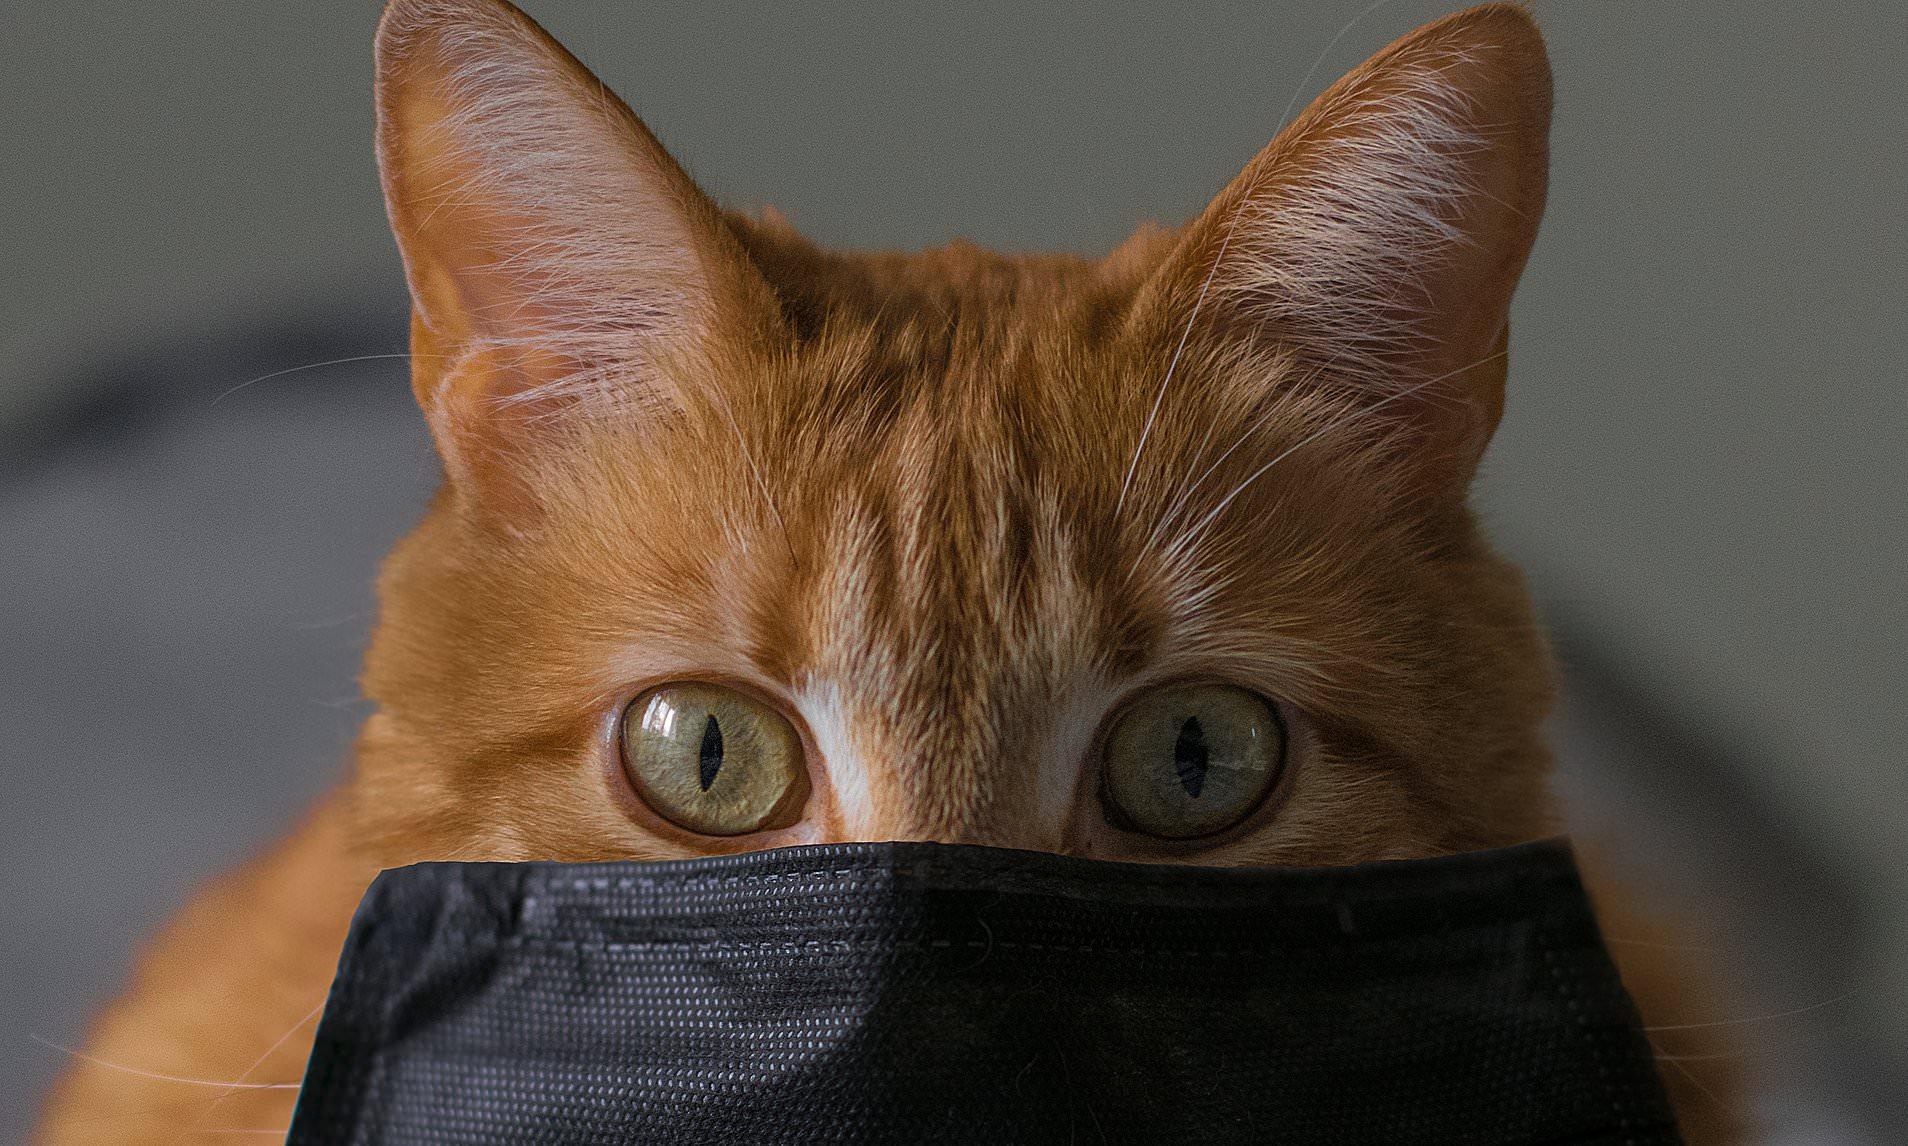 Антитела к вирусу SARS-CoV-2 нашли у уханьских кошек